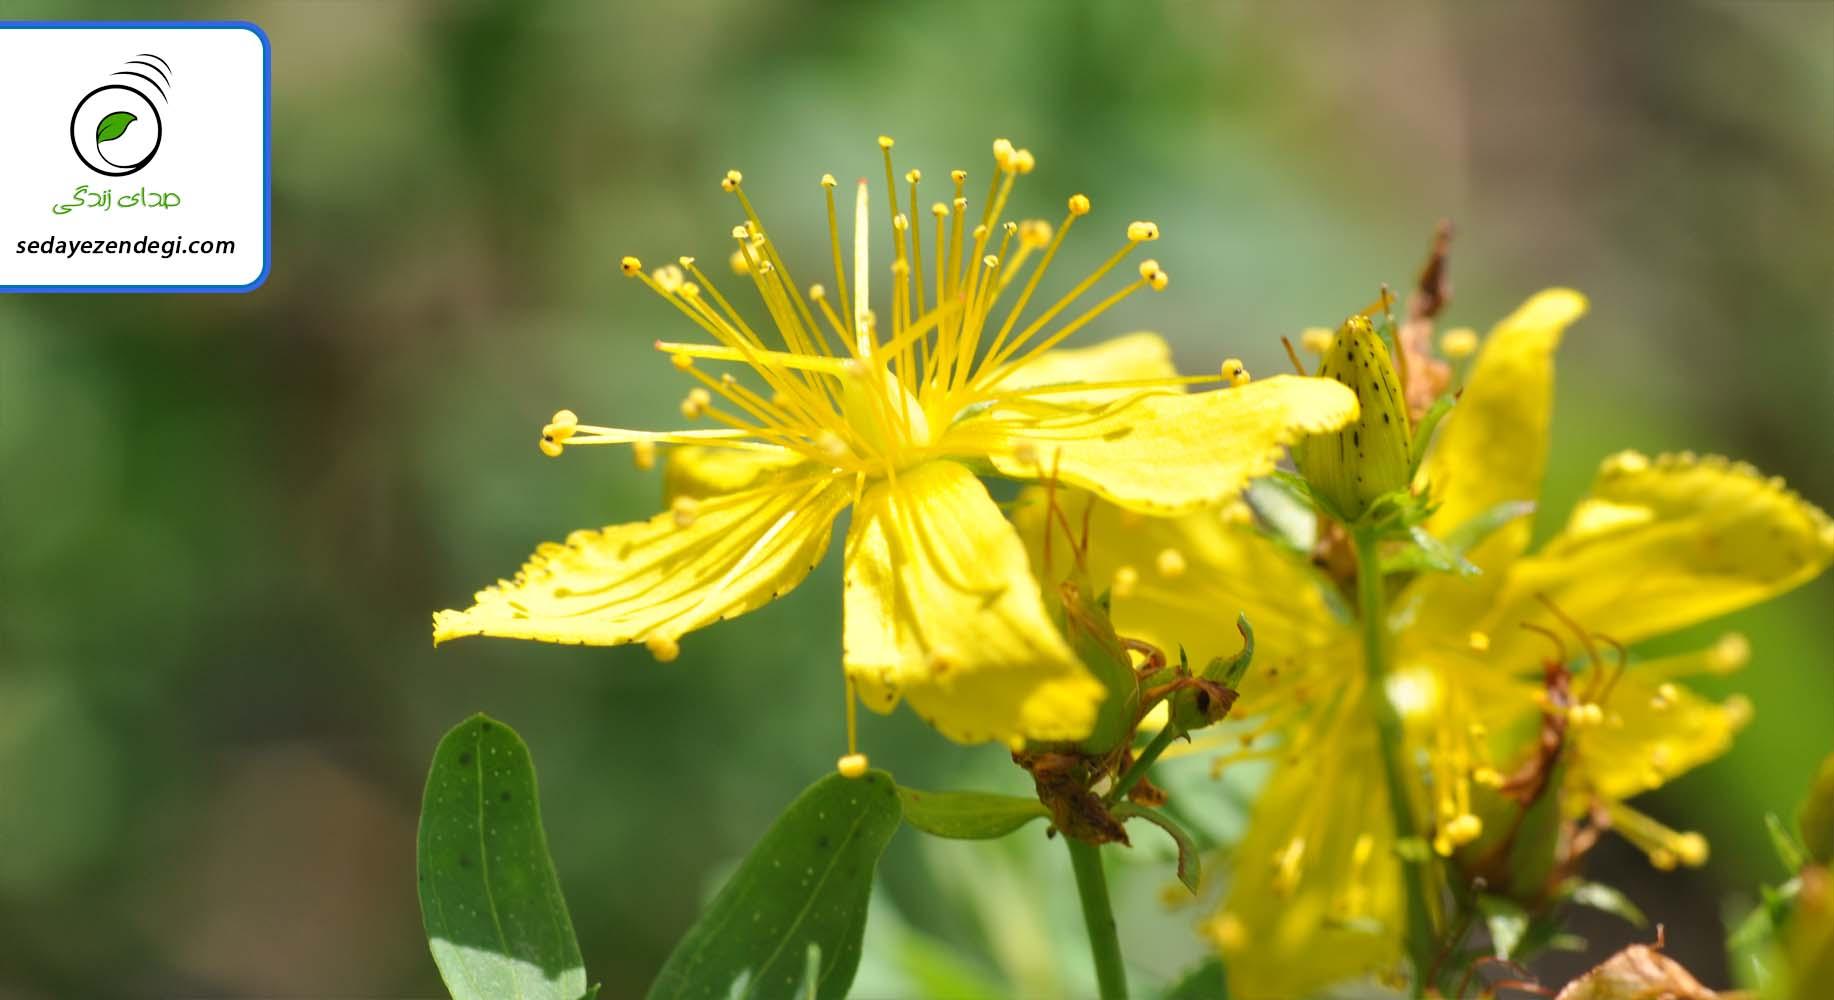 درمان افسردگی در خانه با داروهای گیاهی